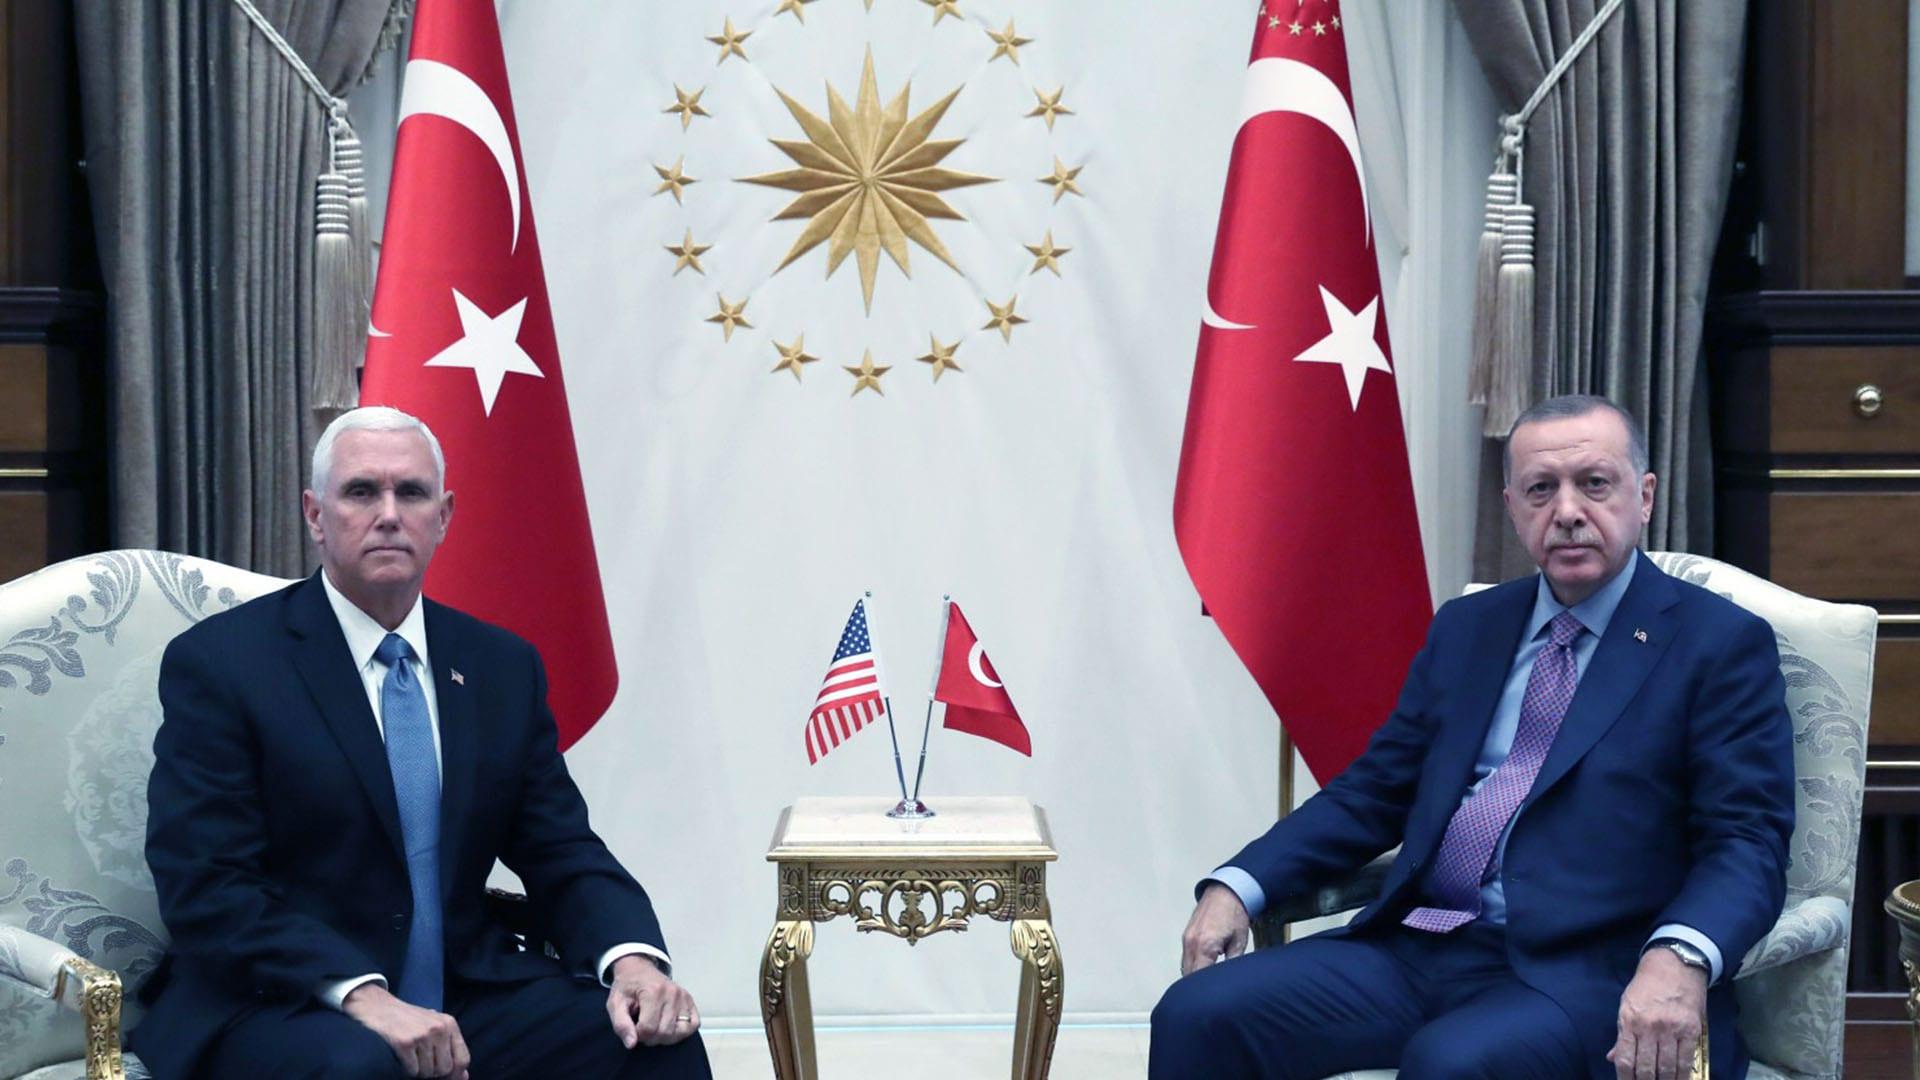 Il disimpegno degli USA in Medio Oriente hanno lasciato mano libera a Erdogan